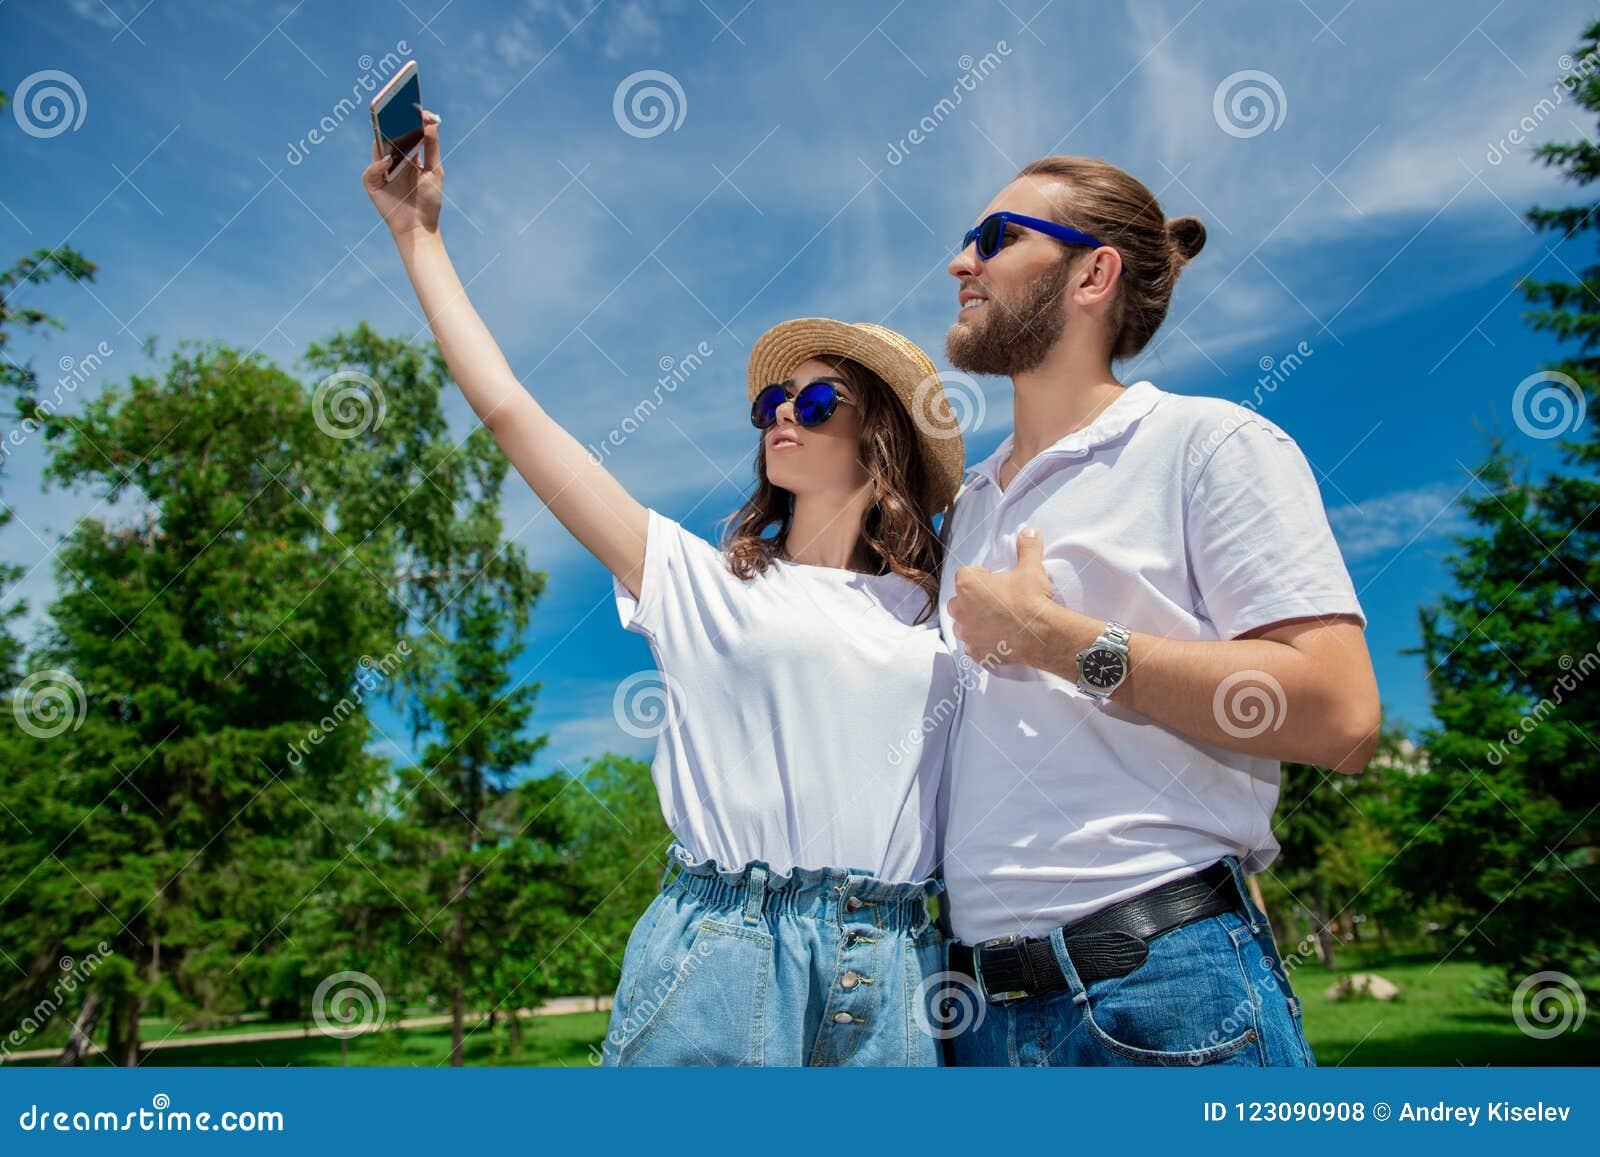 Selfi for memory